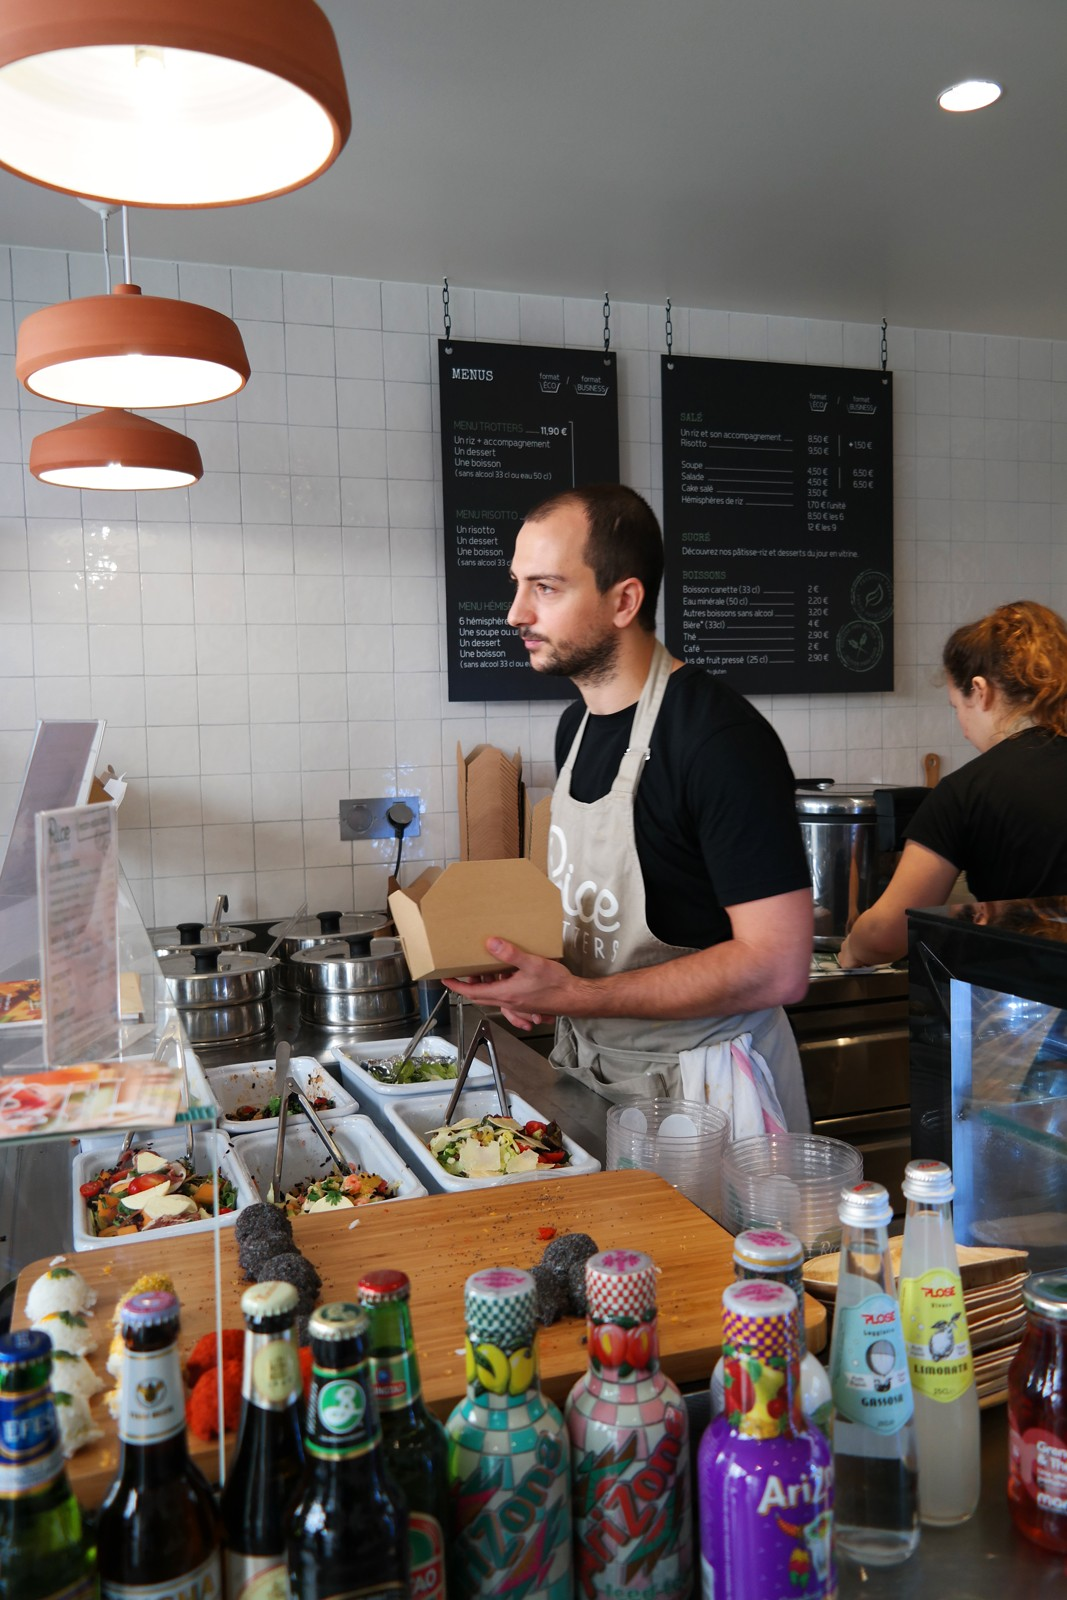 Rice Trotters comptoir accueil et plats du jour resto concept fast food recettes à base de riz photo by united states of paris blog